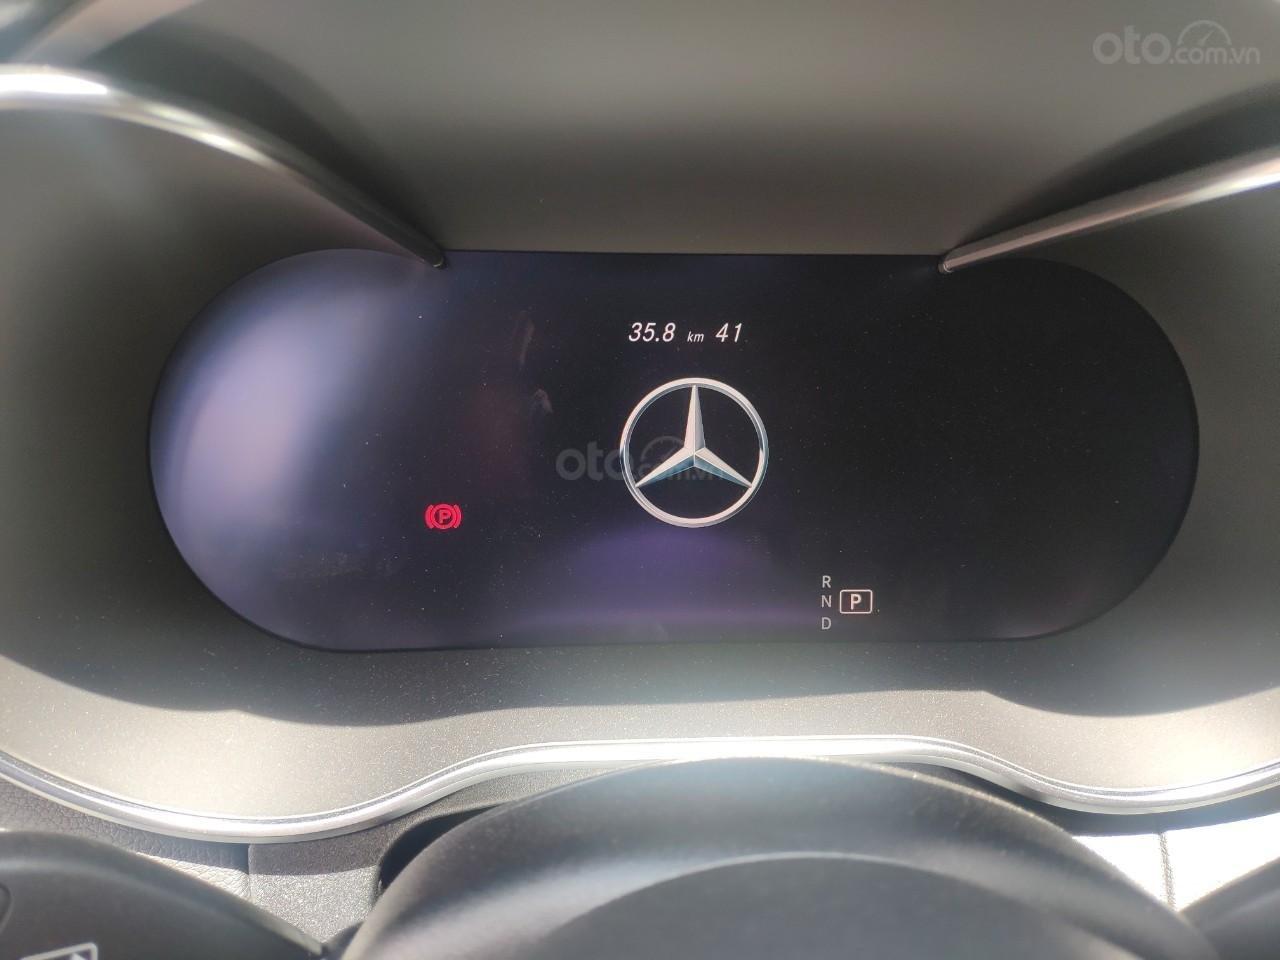 Mercedes C300 siêu lướt mới lăn bánh chỉ 41km (6)